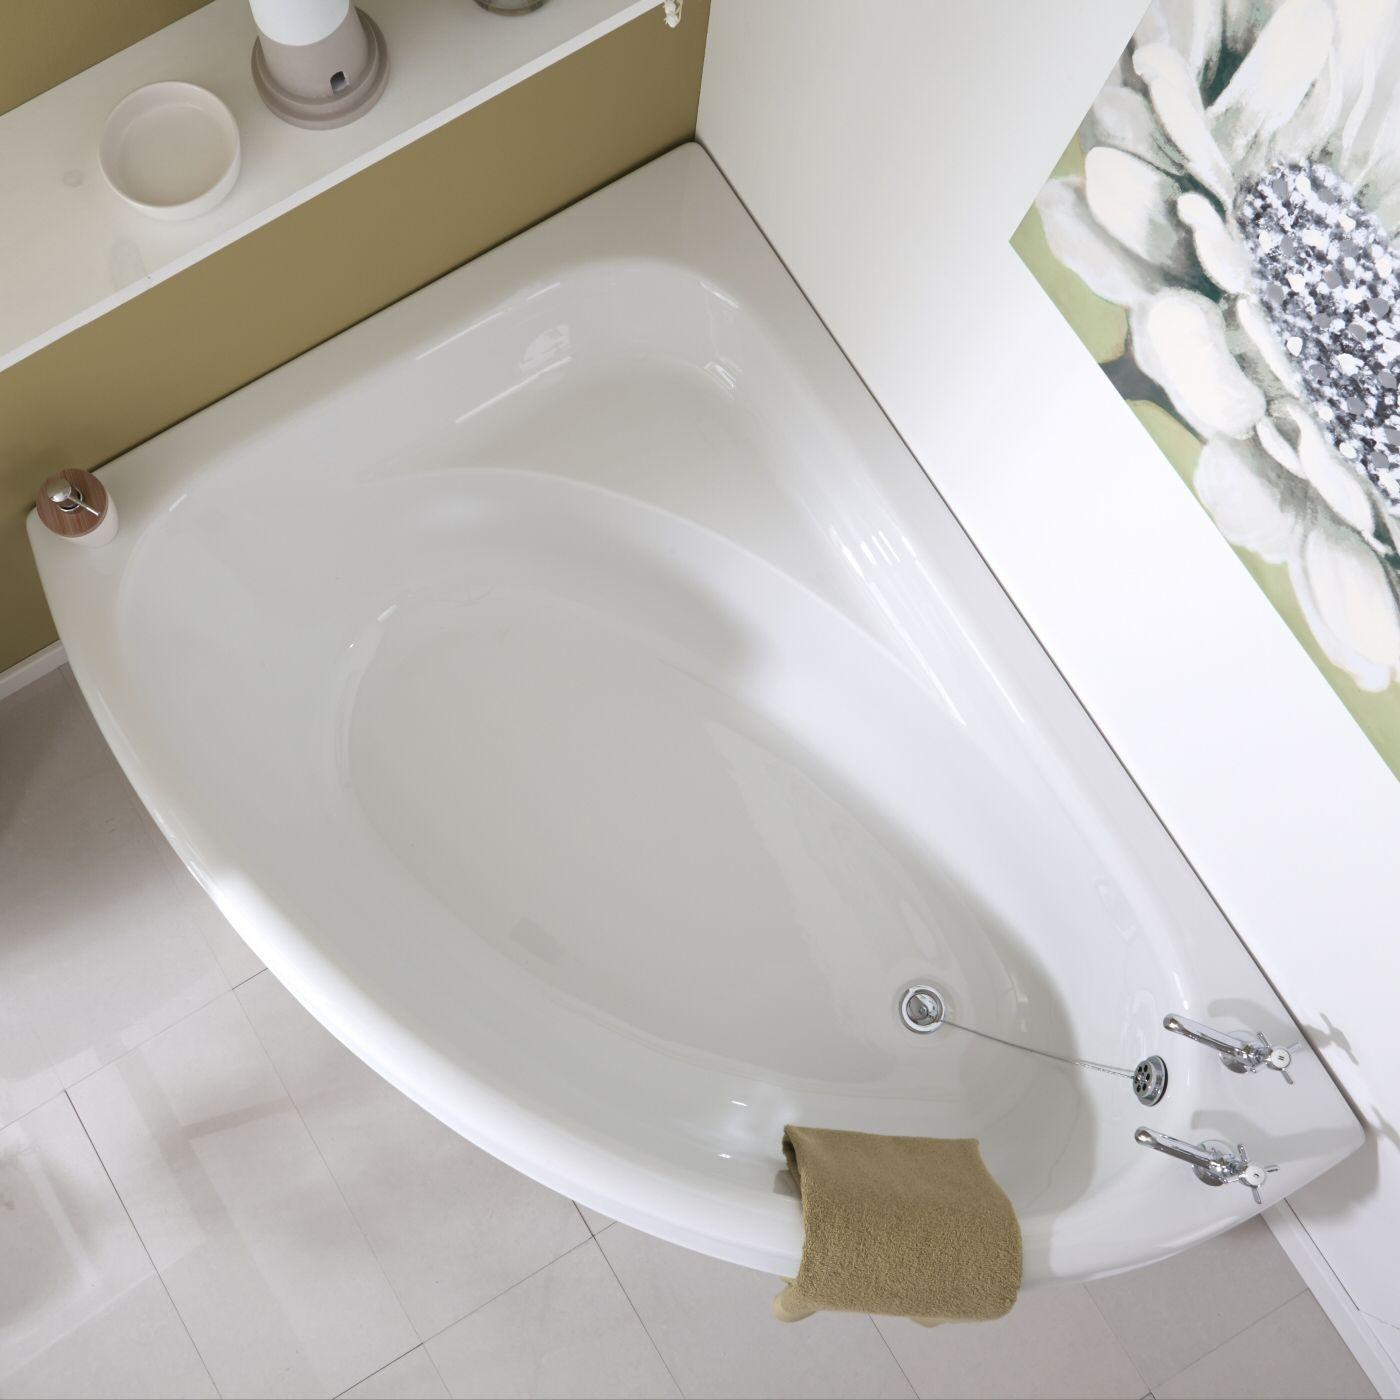 Pannelli Per Vasca Da Bagno Prezzi.Vasca Da Bagno 150x102cm In Acrilico Versione Angolare Sinistra Con